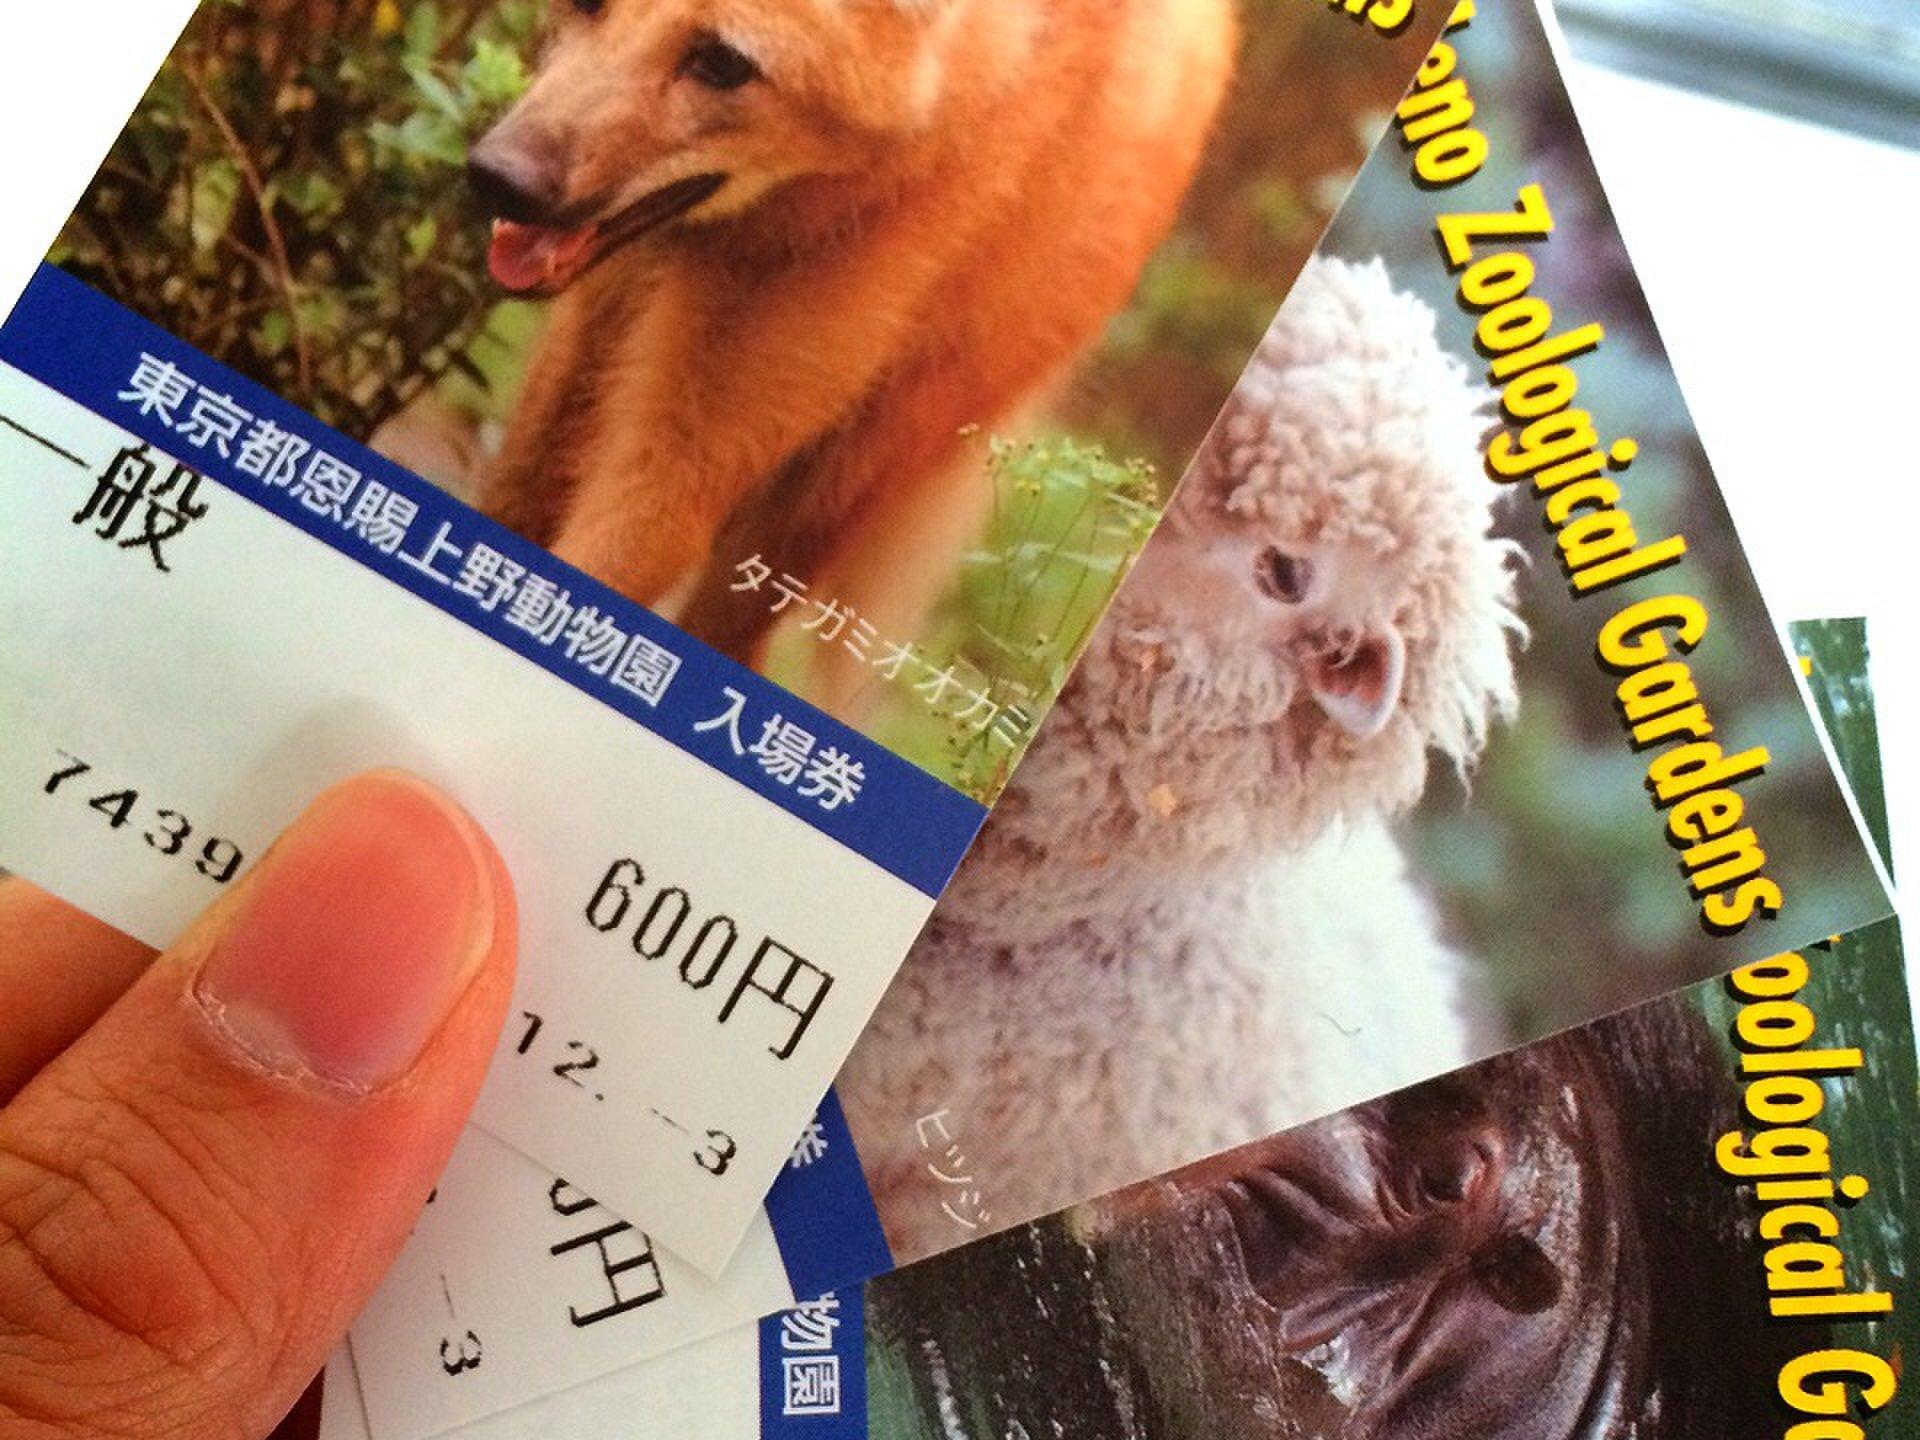 上野観光と言ったらココ!上野駅周辺で行くべき定番のおすすめスポットまとめ